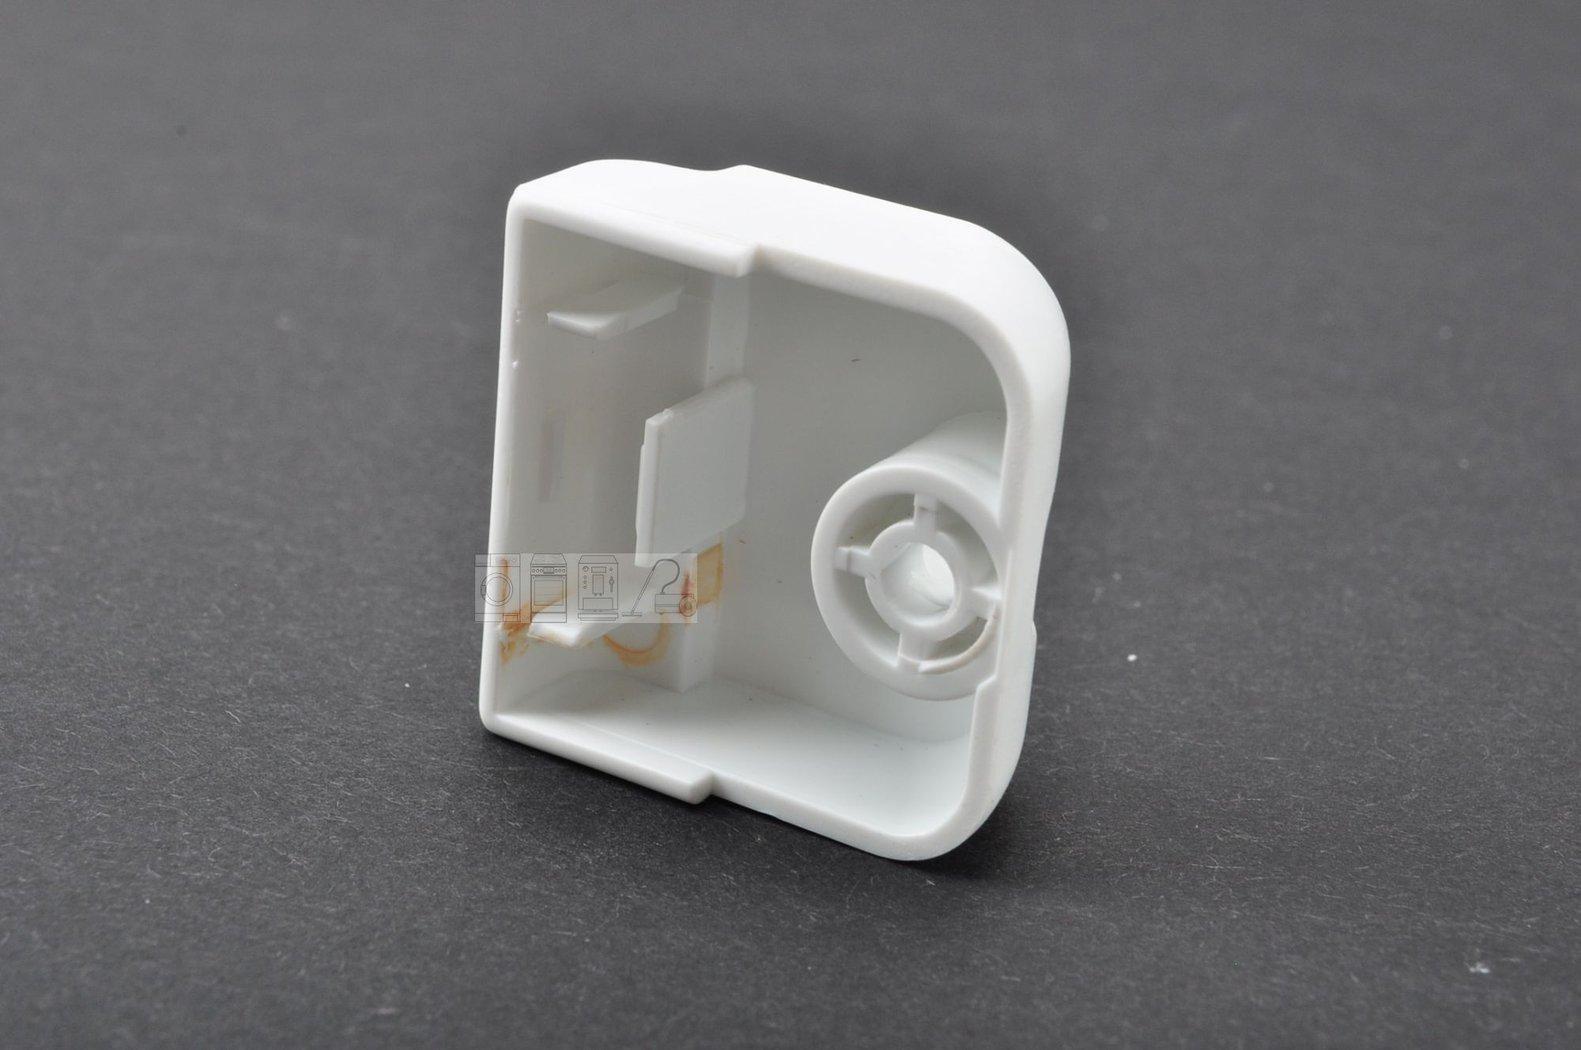 Bosch Kühlschrank Schalter Neben Licht : Kühlschrank beleuchtung schalter licht im kühlschrank rm geht